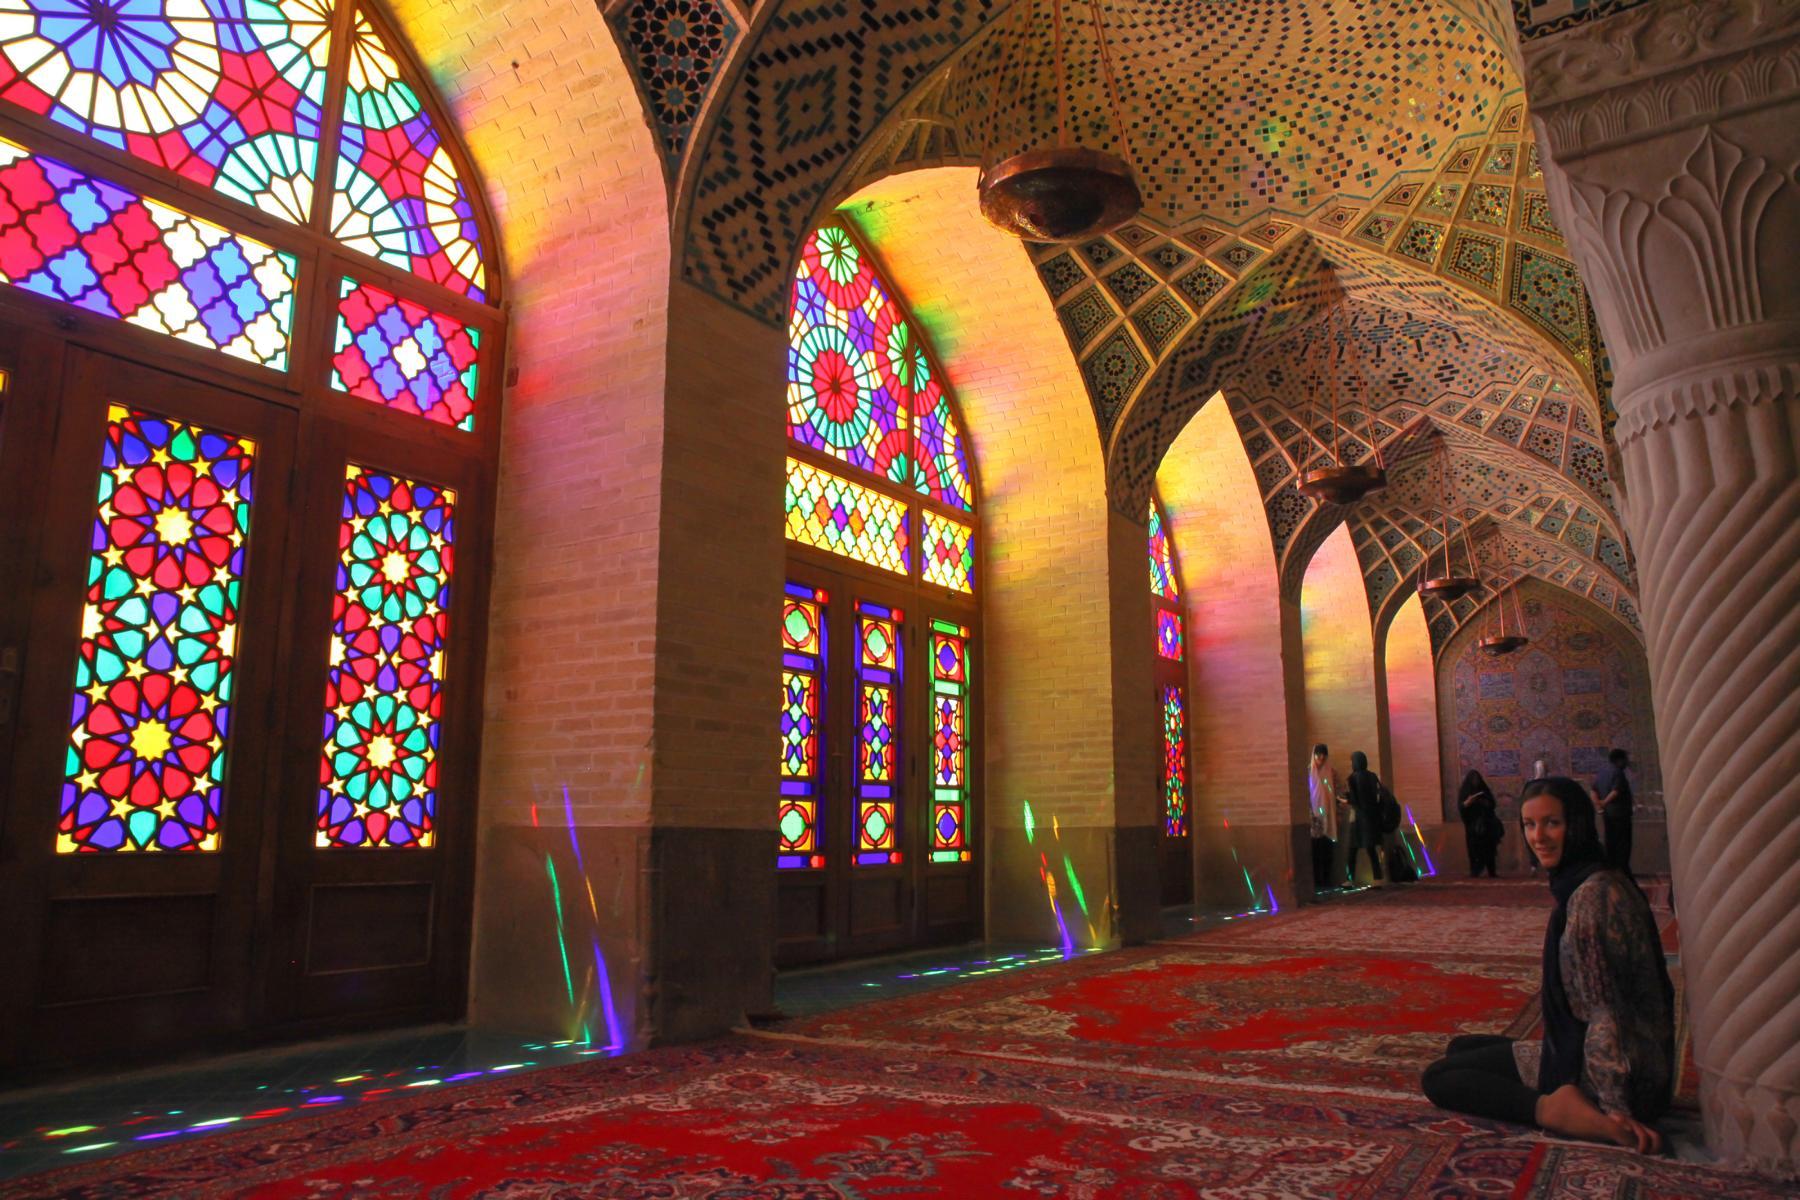 Reisetipps Shiraz: Die Wintergebetshalle der Nasir al Molk Moschee mit ihren lichtdurchfluteten Buntglasfenstern.